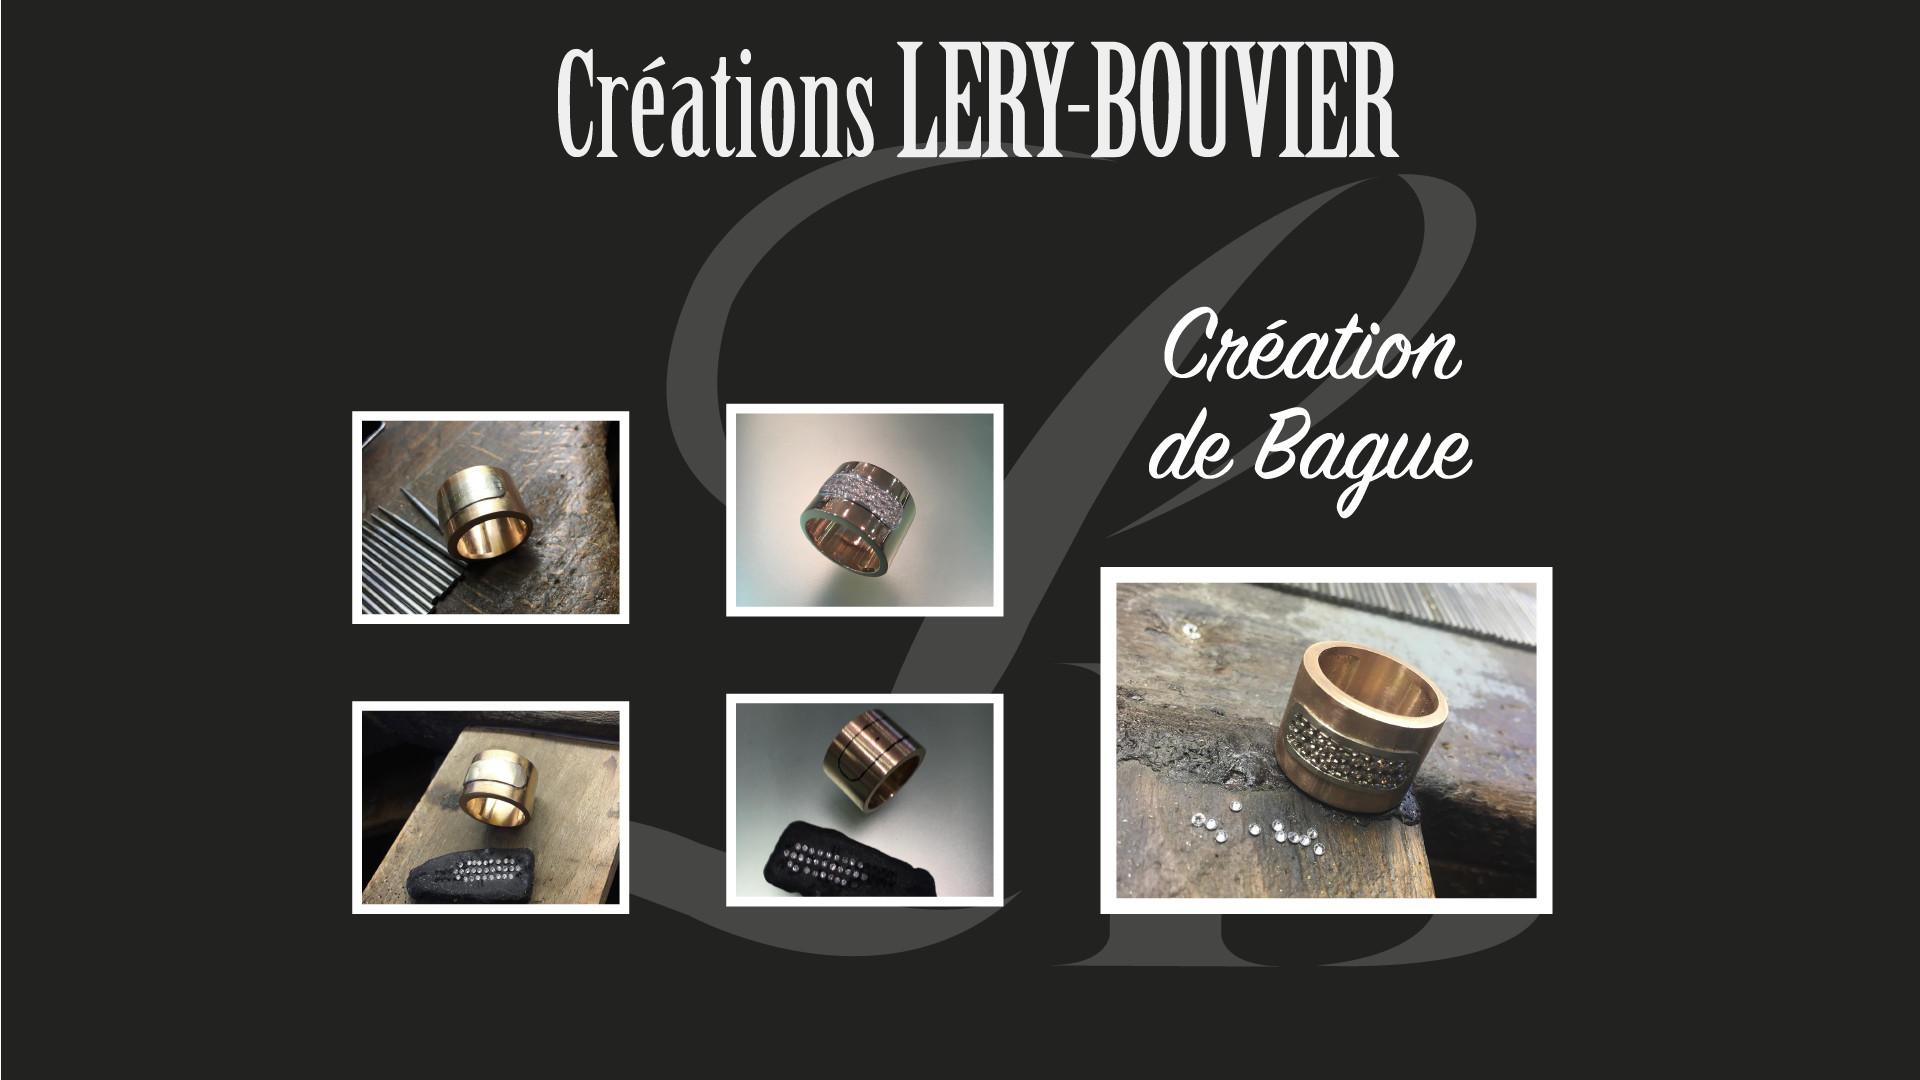 Création Lery Bouvier 2018 Bague